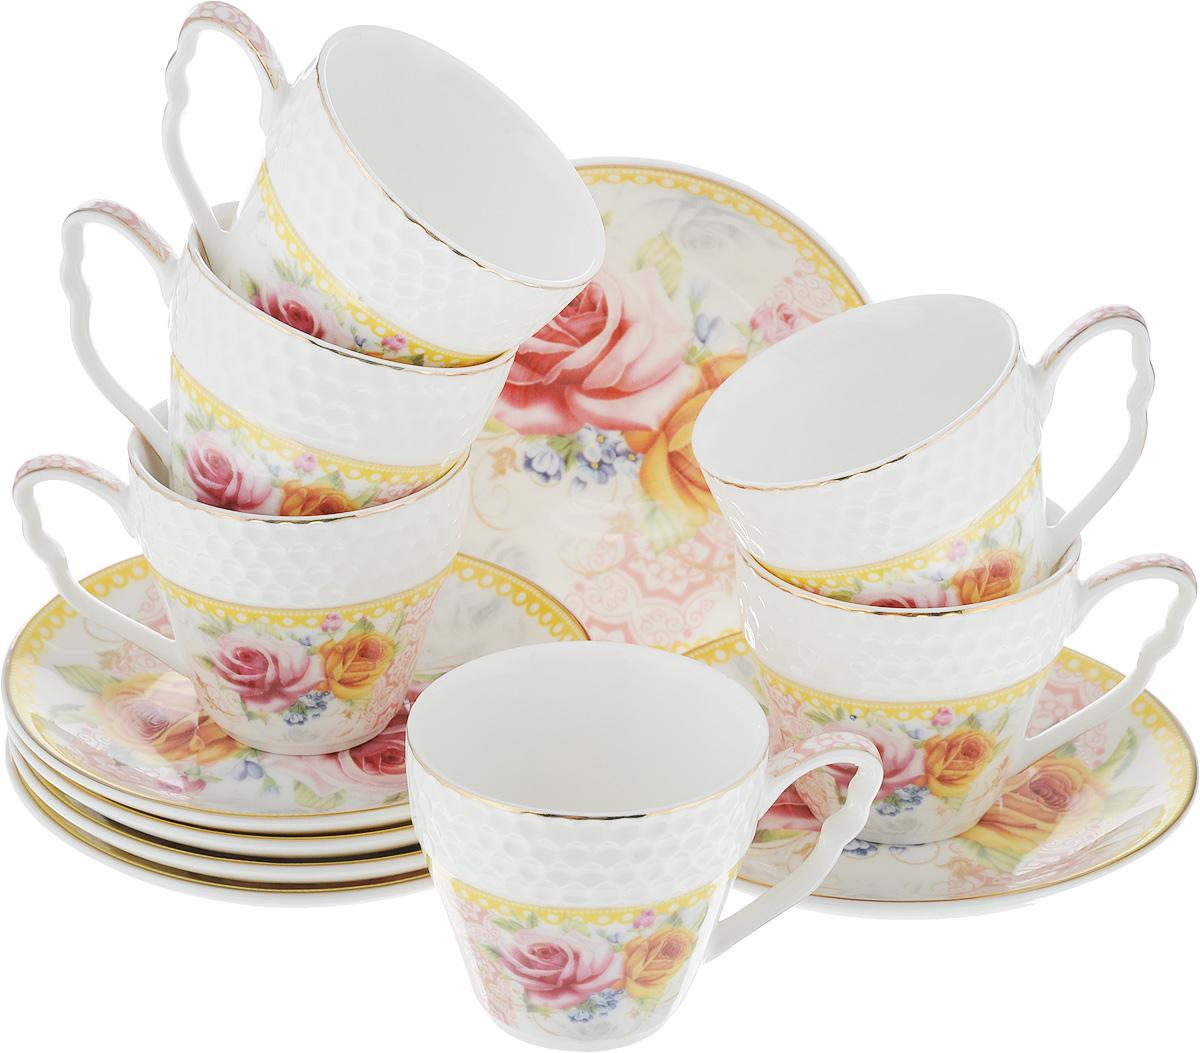 Набор кофейный Loraine Розы, 12 предметов. 25787115510Кофейный набор Loraine Розы состоит из 6 чашек и 6 блюдец. Изделия выполнены из высококачественного костяного фарфора, оформлены золотистой каймой и цветочным рисунком. Такой набор станет прекрасным украшением стола и порадует гостей изысканным дизайном и утонченностью. Набор упакован в подарочную коробку, задрапированную внутри белой атласной тканью. Каждый предмет надежно зафиксирован внутри коробки. Кофейный набор Loraine Розы идеально впишется в любой интерьер, а также станет идеальным подарком для ваших родных и близких. Объем чашки: 90 мл. Диаметр чашки (по верхнему краю): 6,2 см. Высота чашки: 5,5 см. Диаметр блюдца (по верхнему краю): 11,2 см. Высота блюдца: 1,5 см.